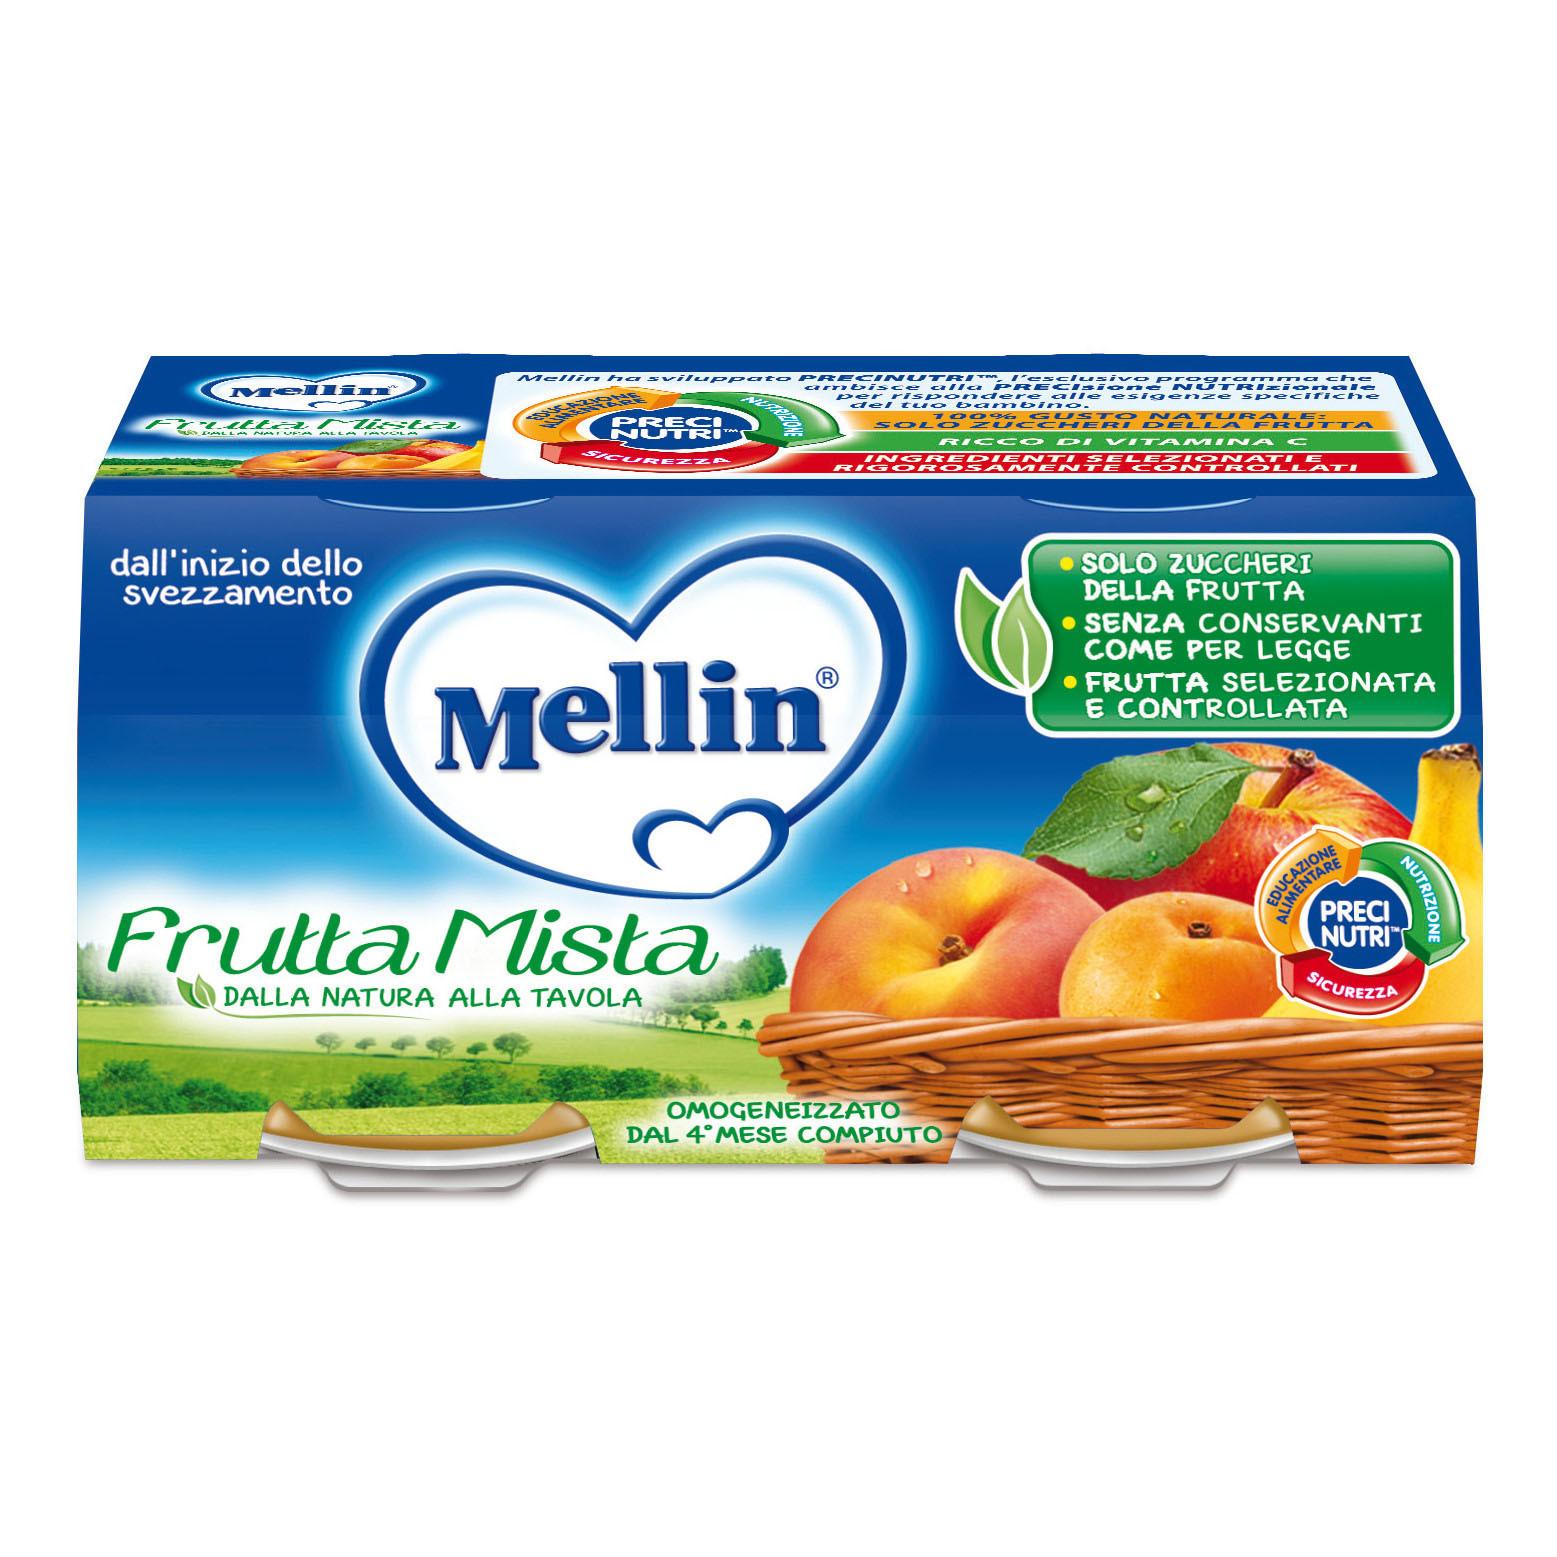 Omogeneizzato Frutta Mista Mellin - 2 x 100 g